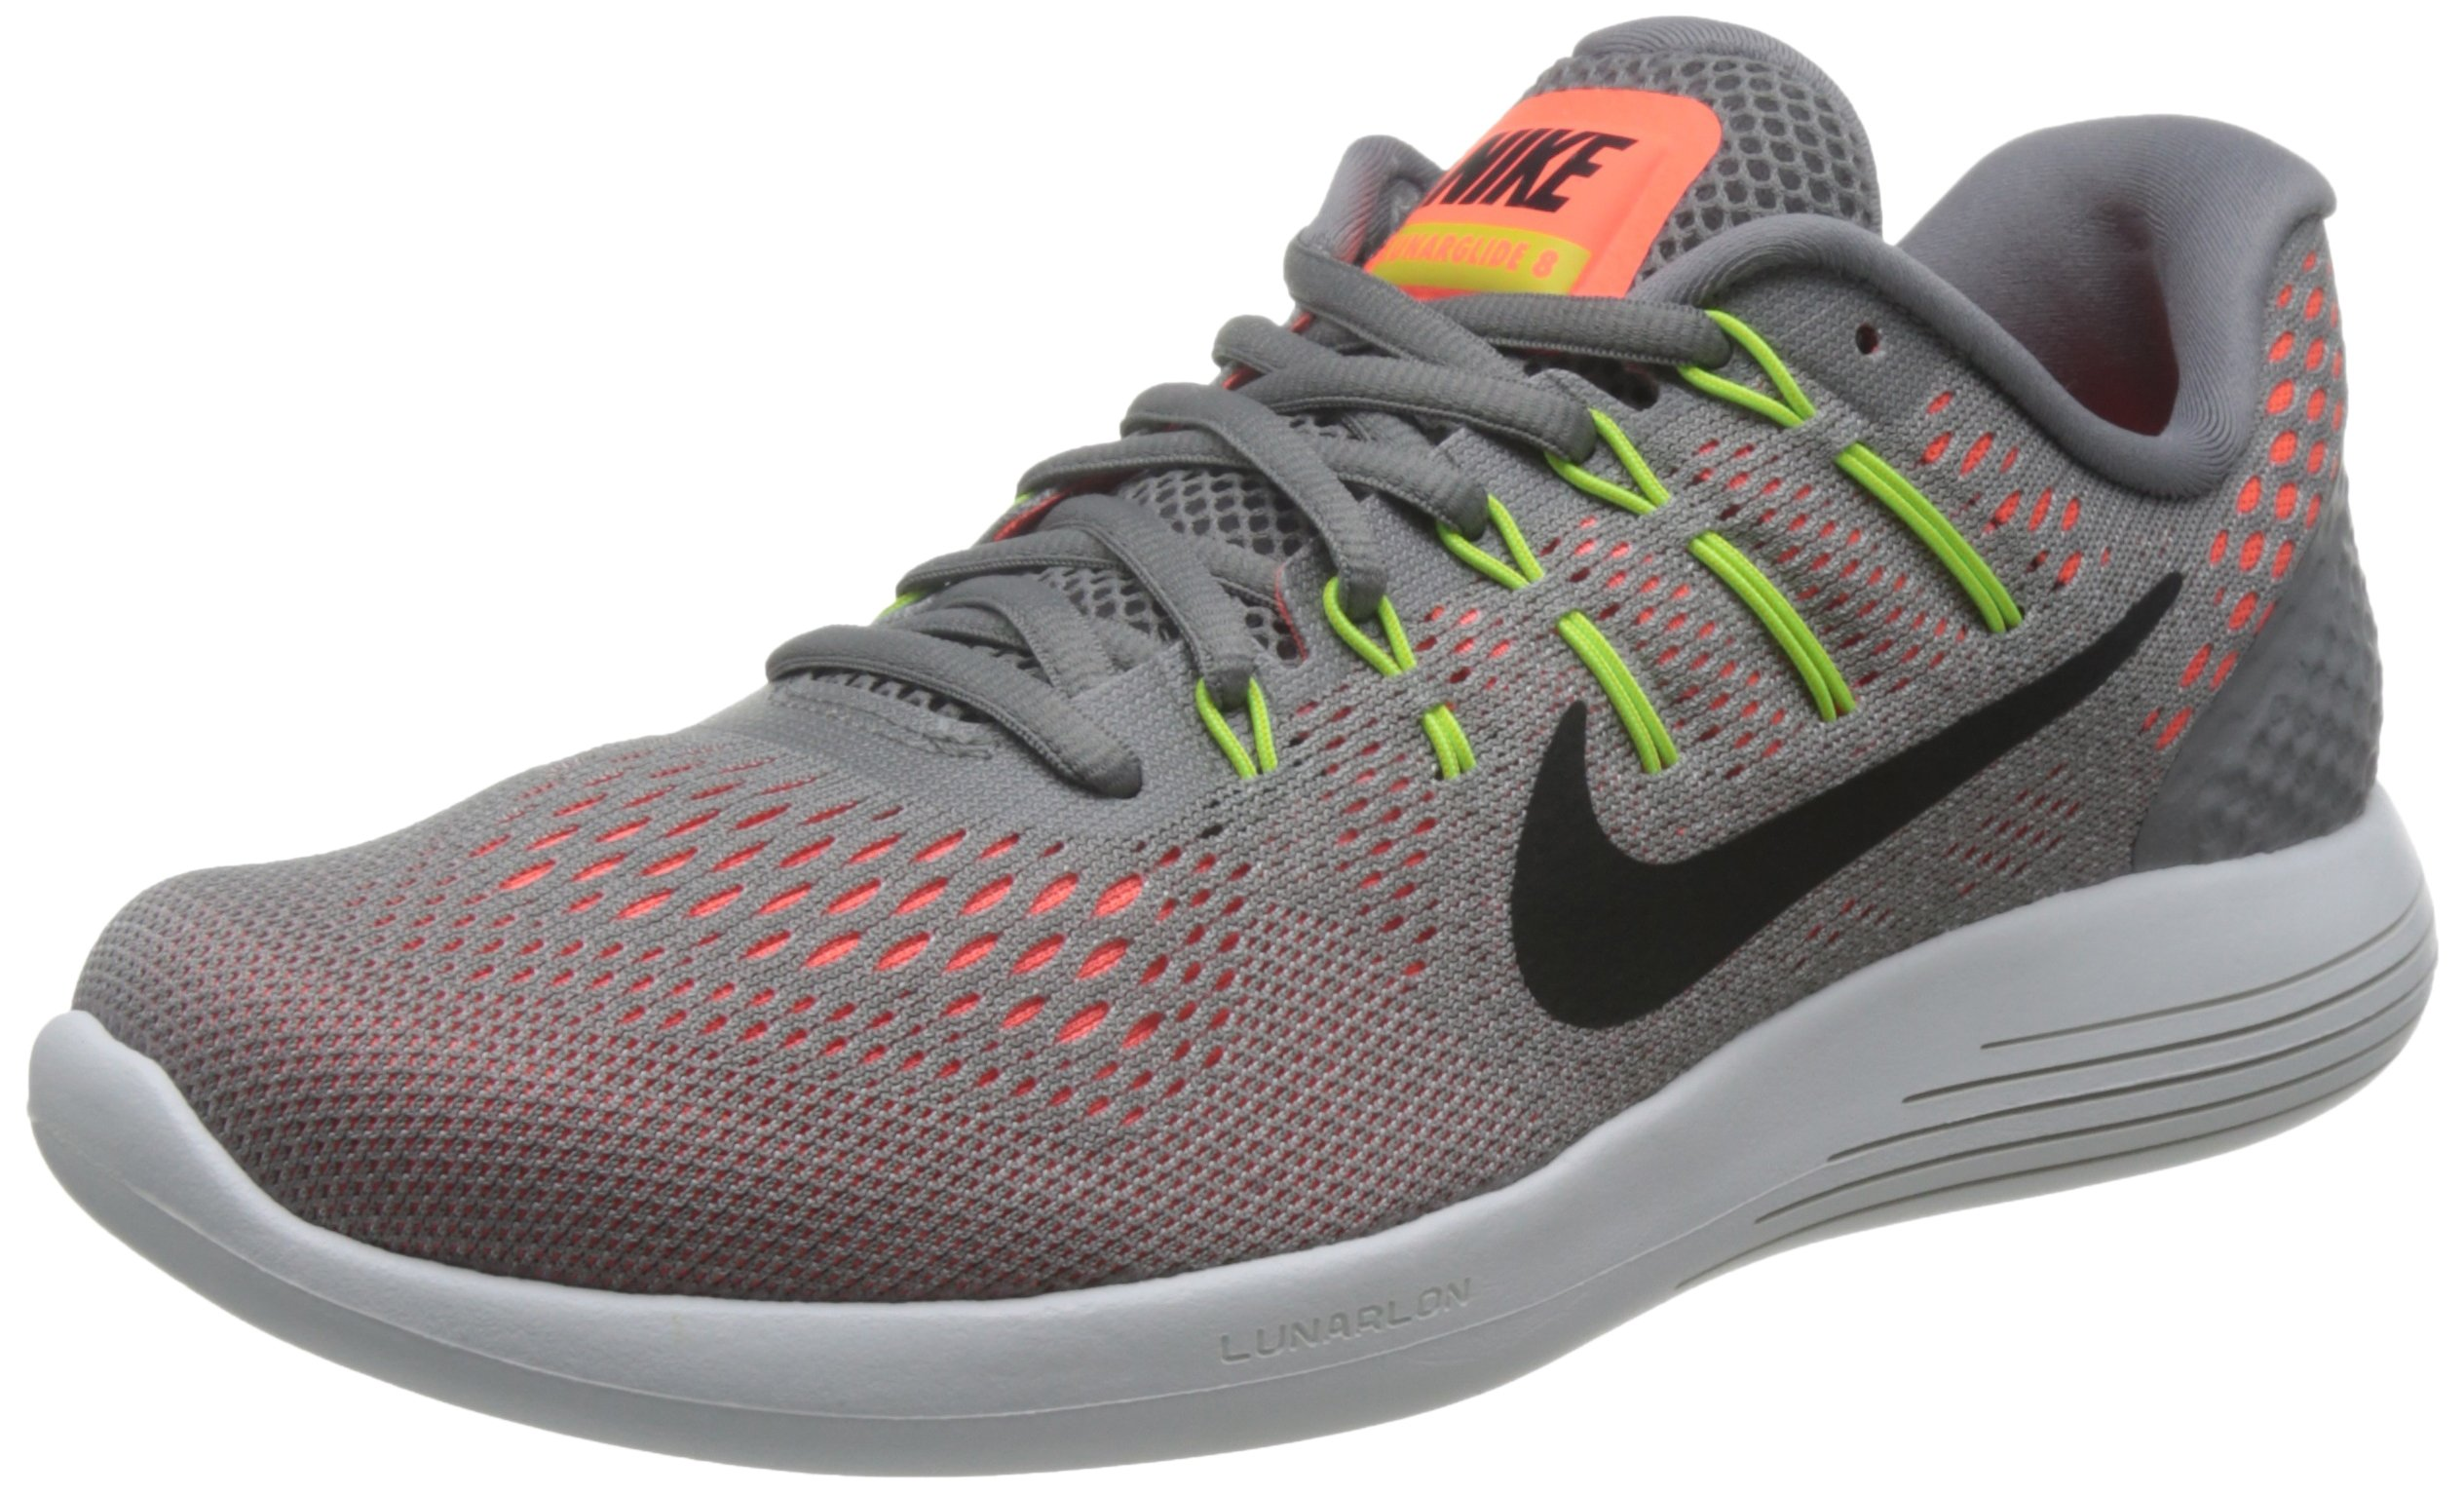 schwarz45 Running Nike 8Chaussures Compétition Lunarglide hyper Orange elektrolimette De Eu HommeMulticolorestaub W9EIDYHeb2